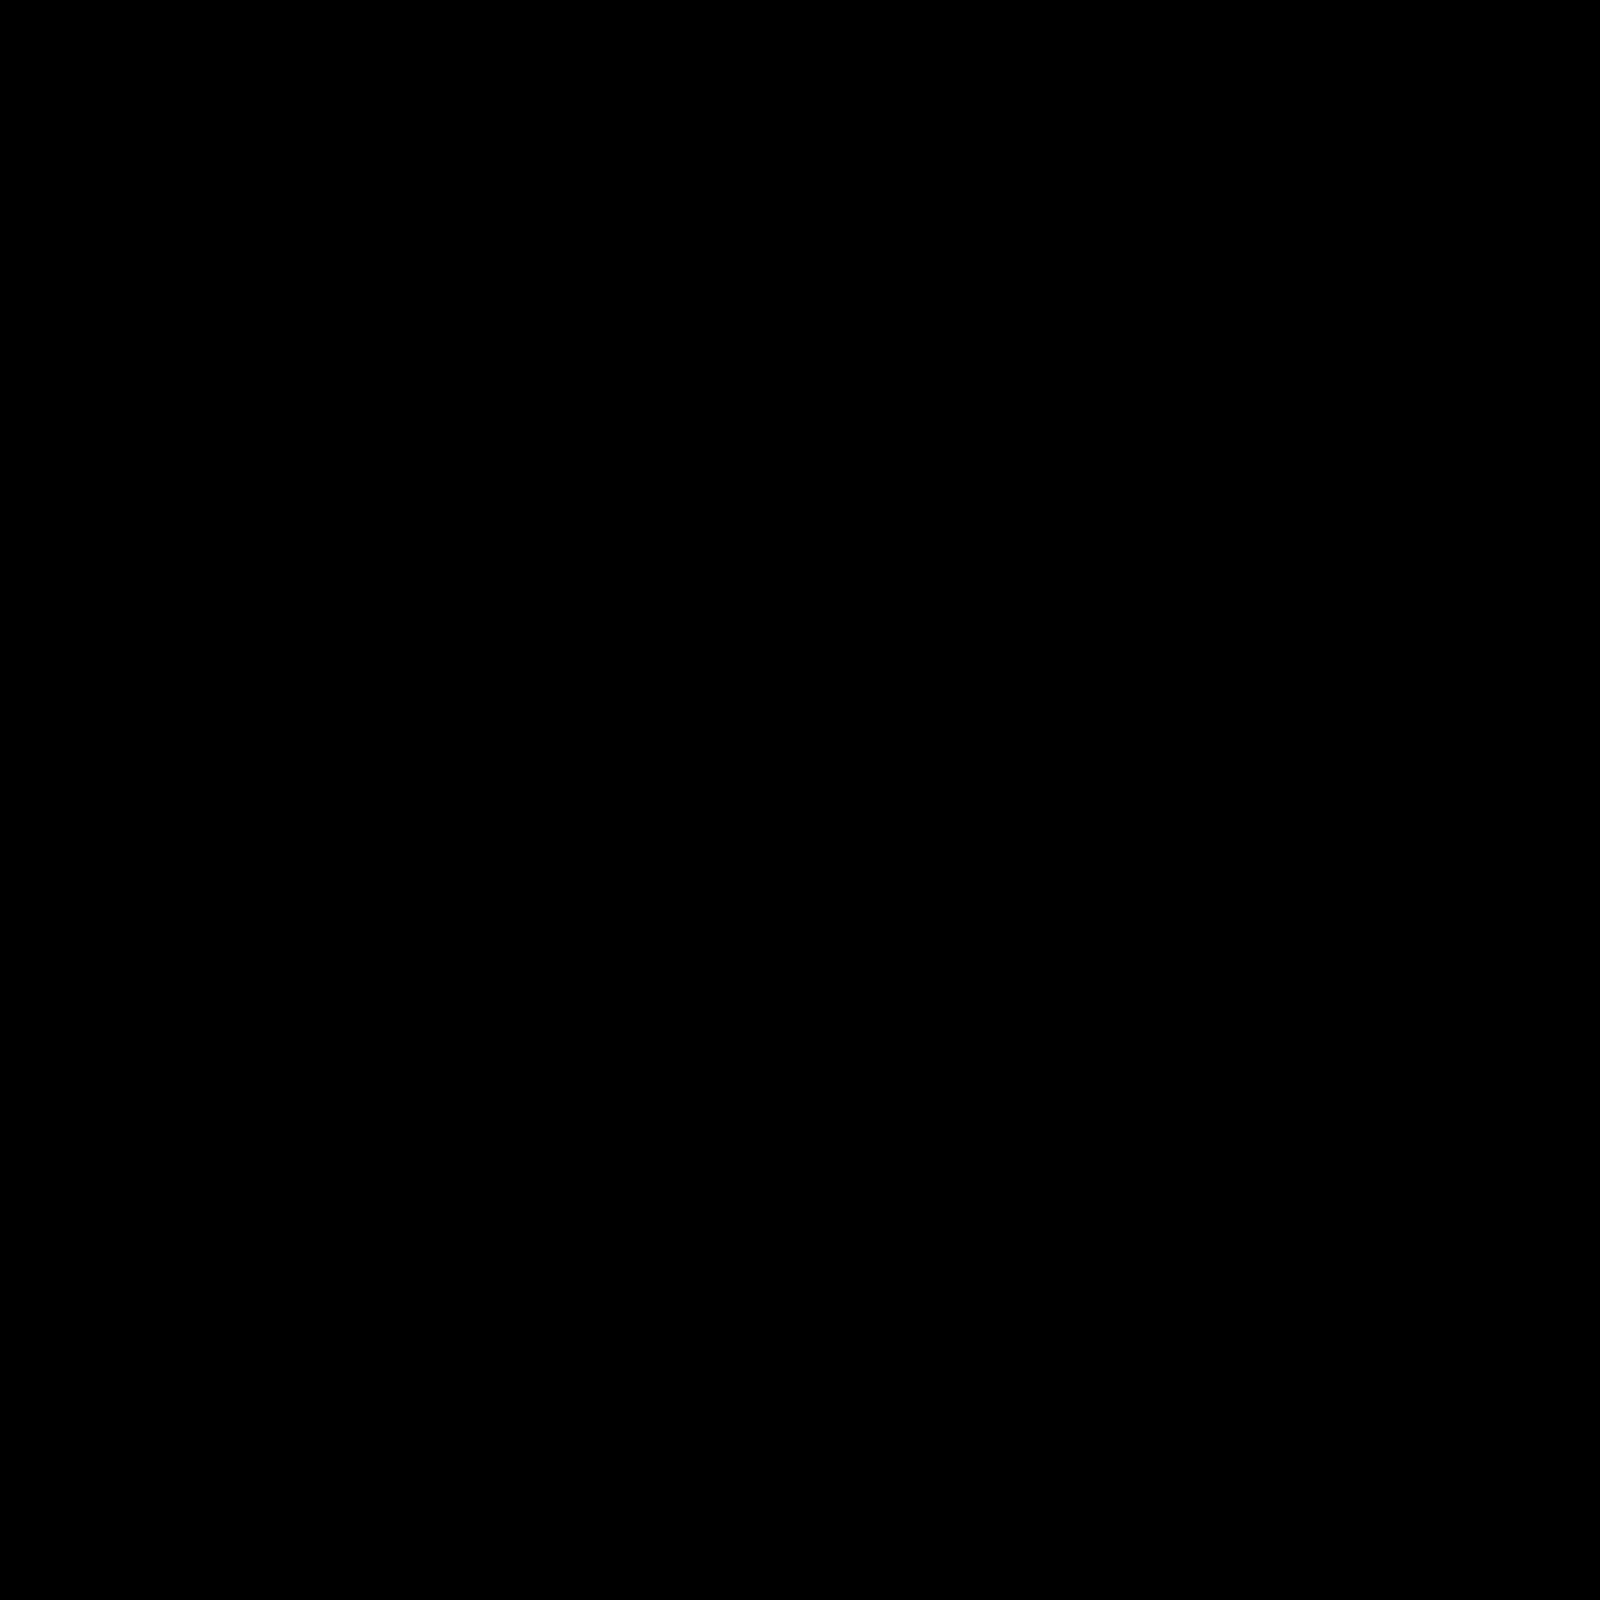 タイムゾーンUTC icon. It is an icon for timezone UTC. There is an outline of a folded map that is opened up. The map has nothing but dots inside of it. In the bottom right of the icon, there is the number 0 that covers about a quarter of the map.